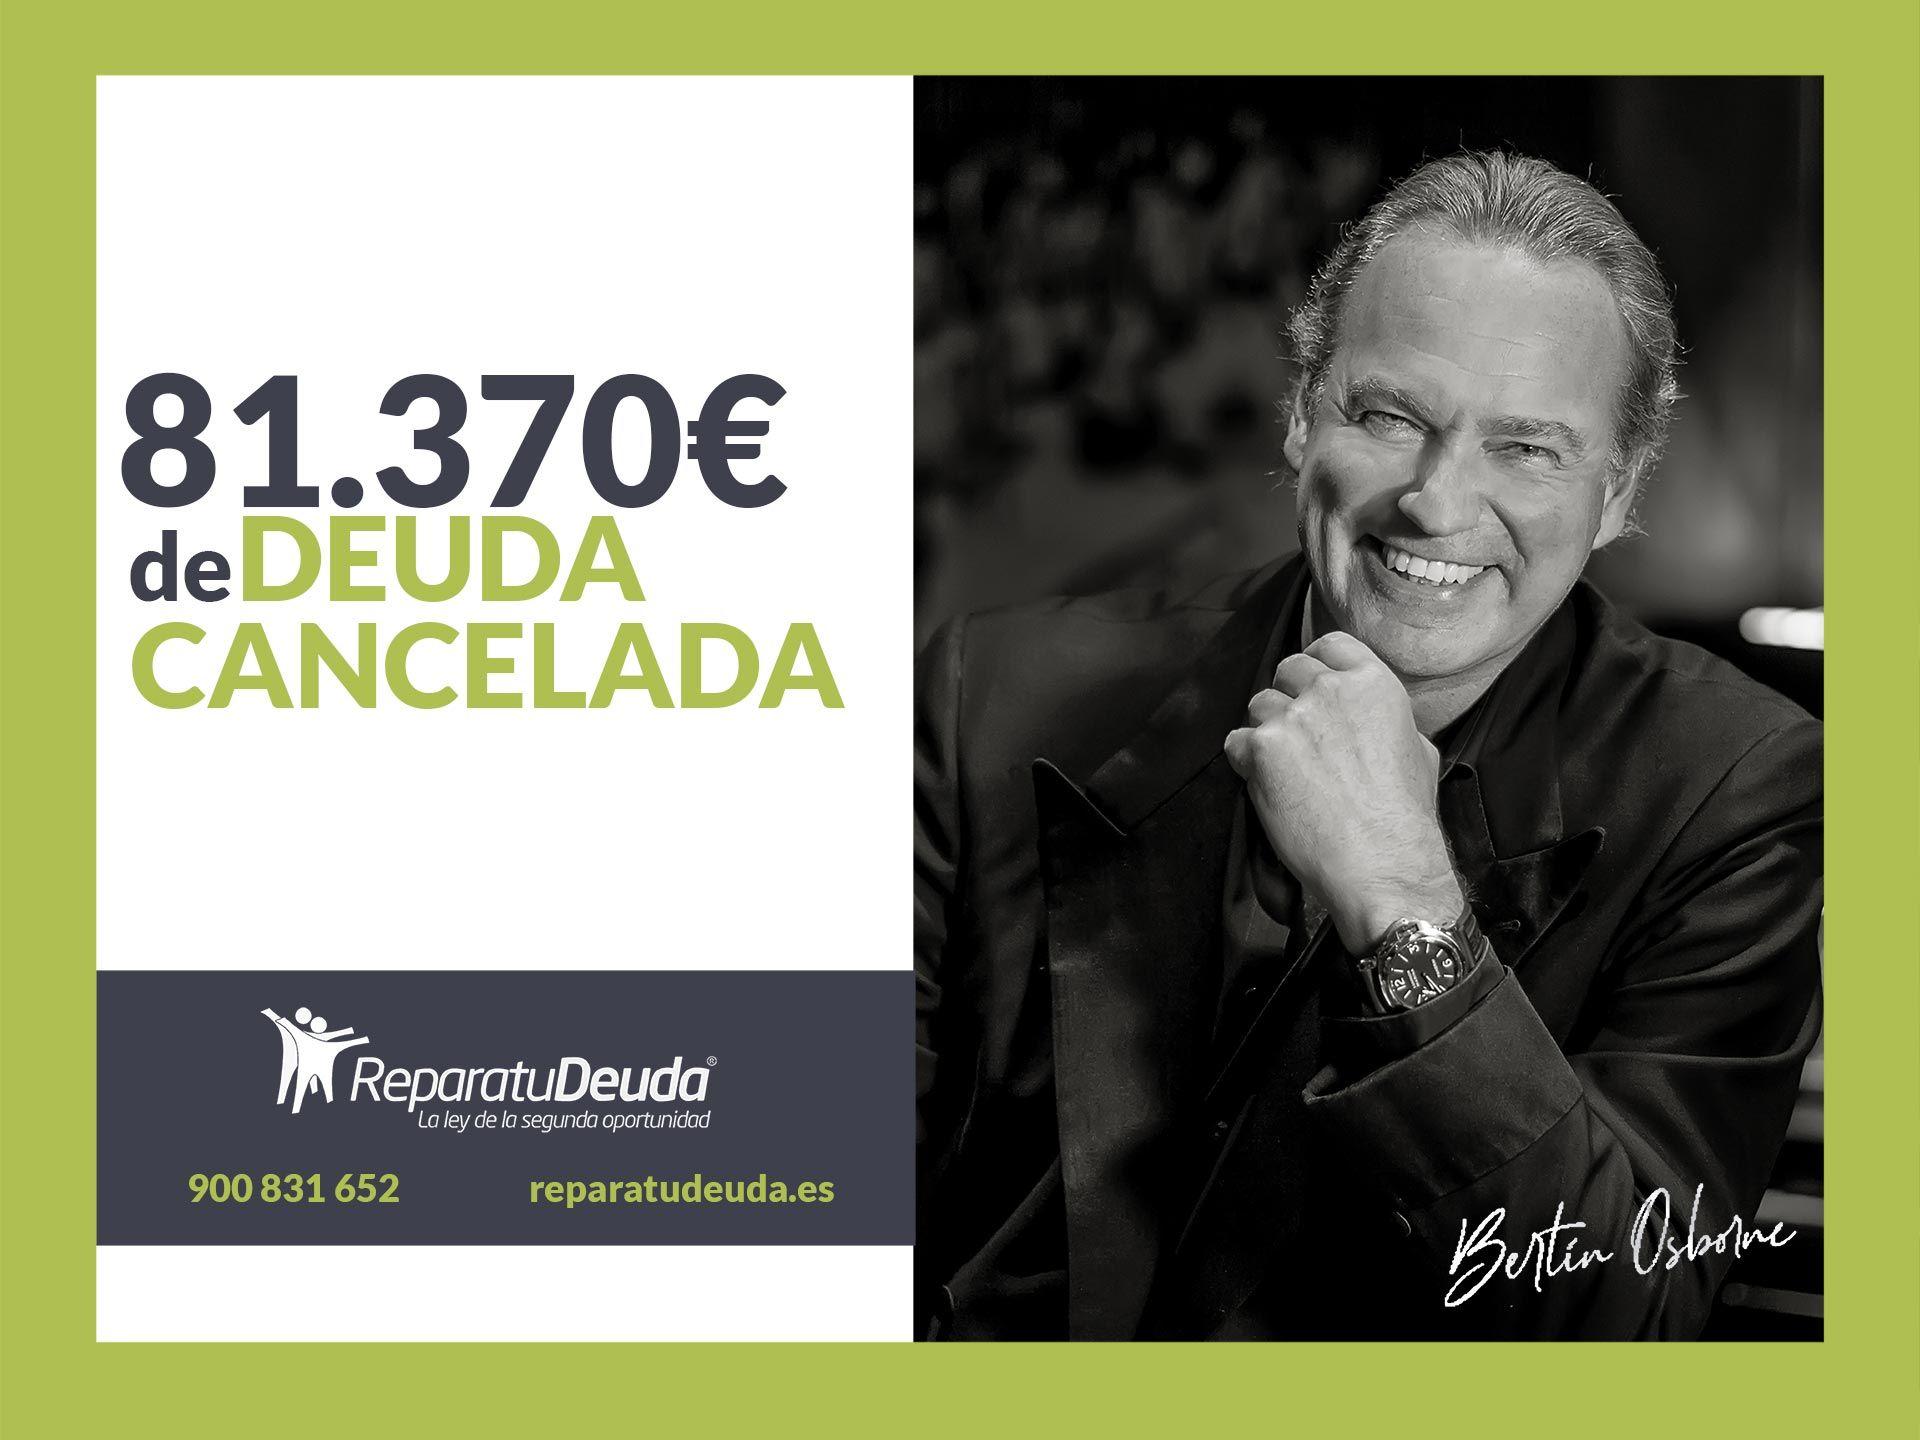 Repara tu Deuda Abogados cancela 81.370 € en Barcelona con la Ley de Segunda Oportunidad